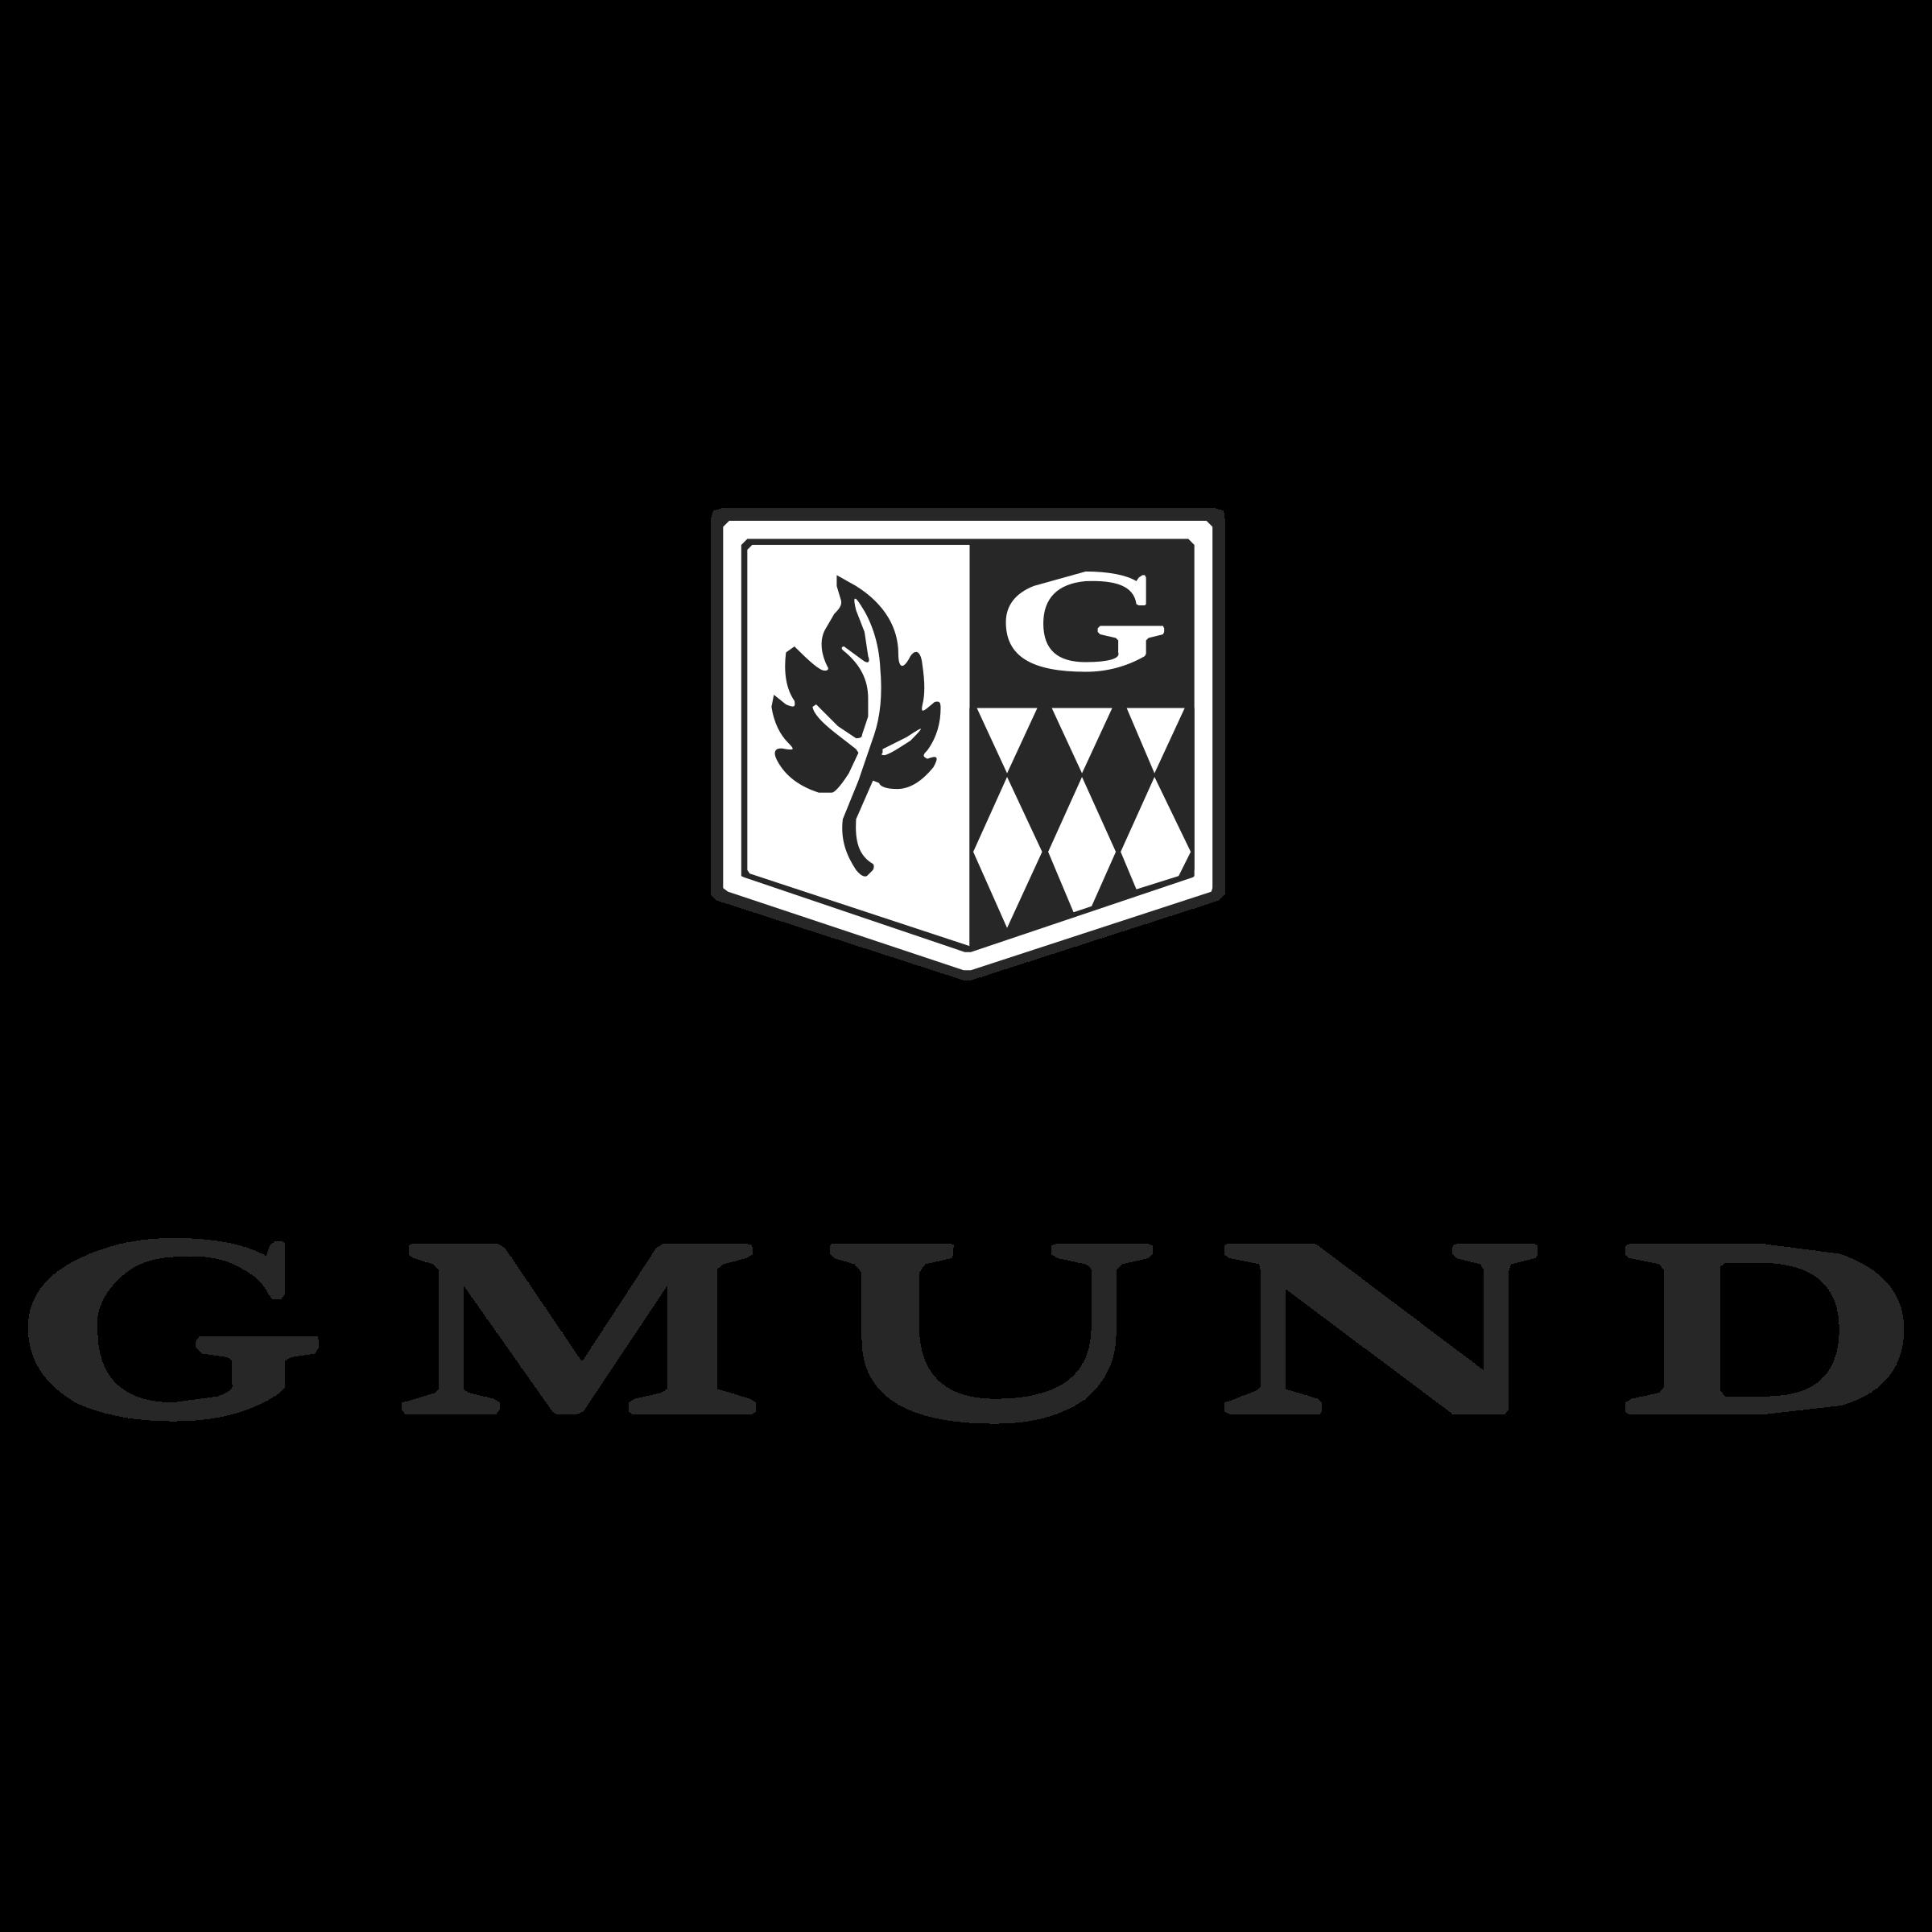 gmund-logo-png-transparent.png